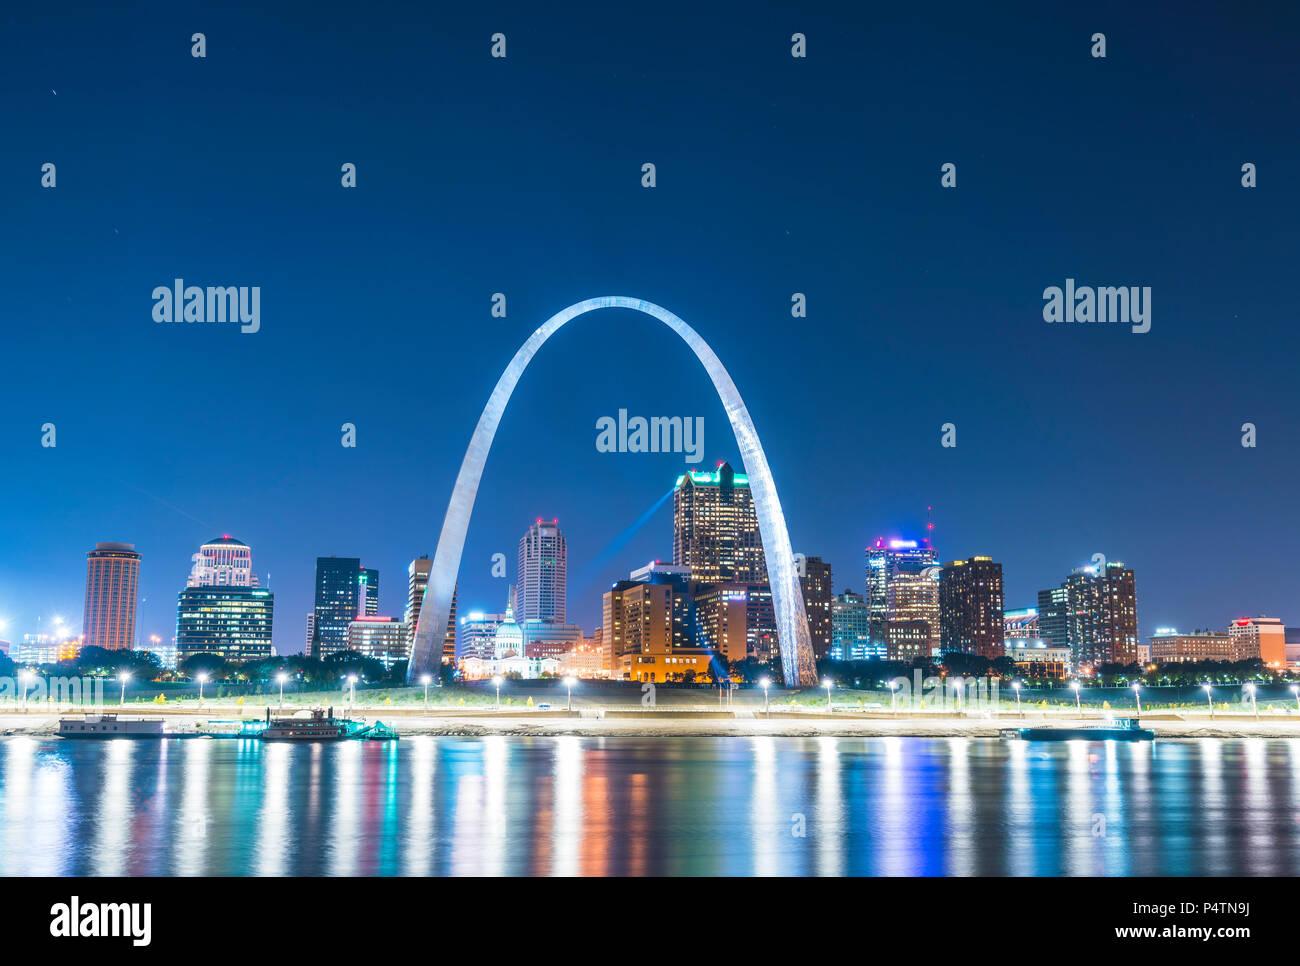 St. louis grattacielo di notte con la riflessione nel fiume,st. Louis, Missouri, Stati Uniti d'America. Immagini Stock